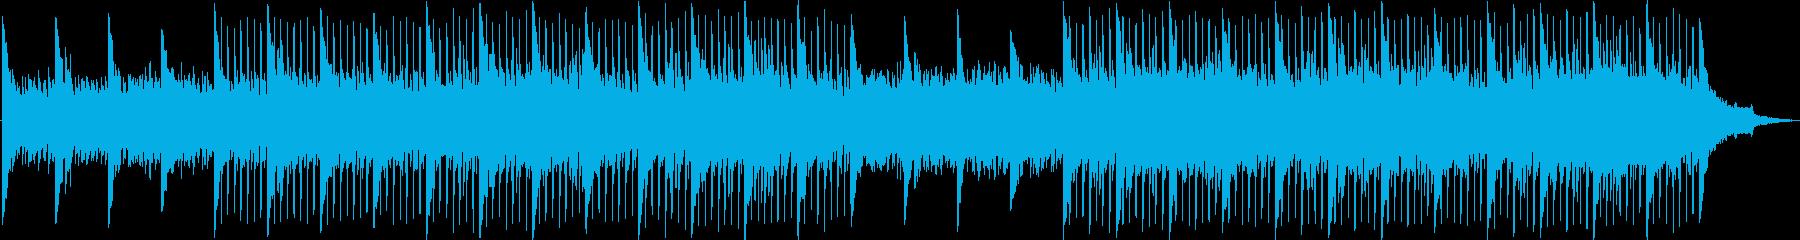 現代的 交響曲 クラシック ラウン...の再生済みの波形